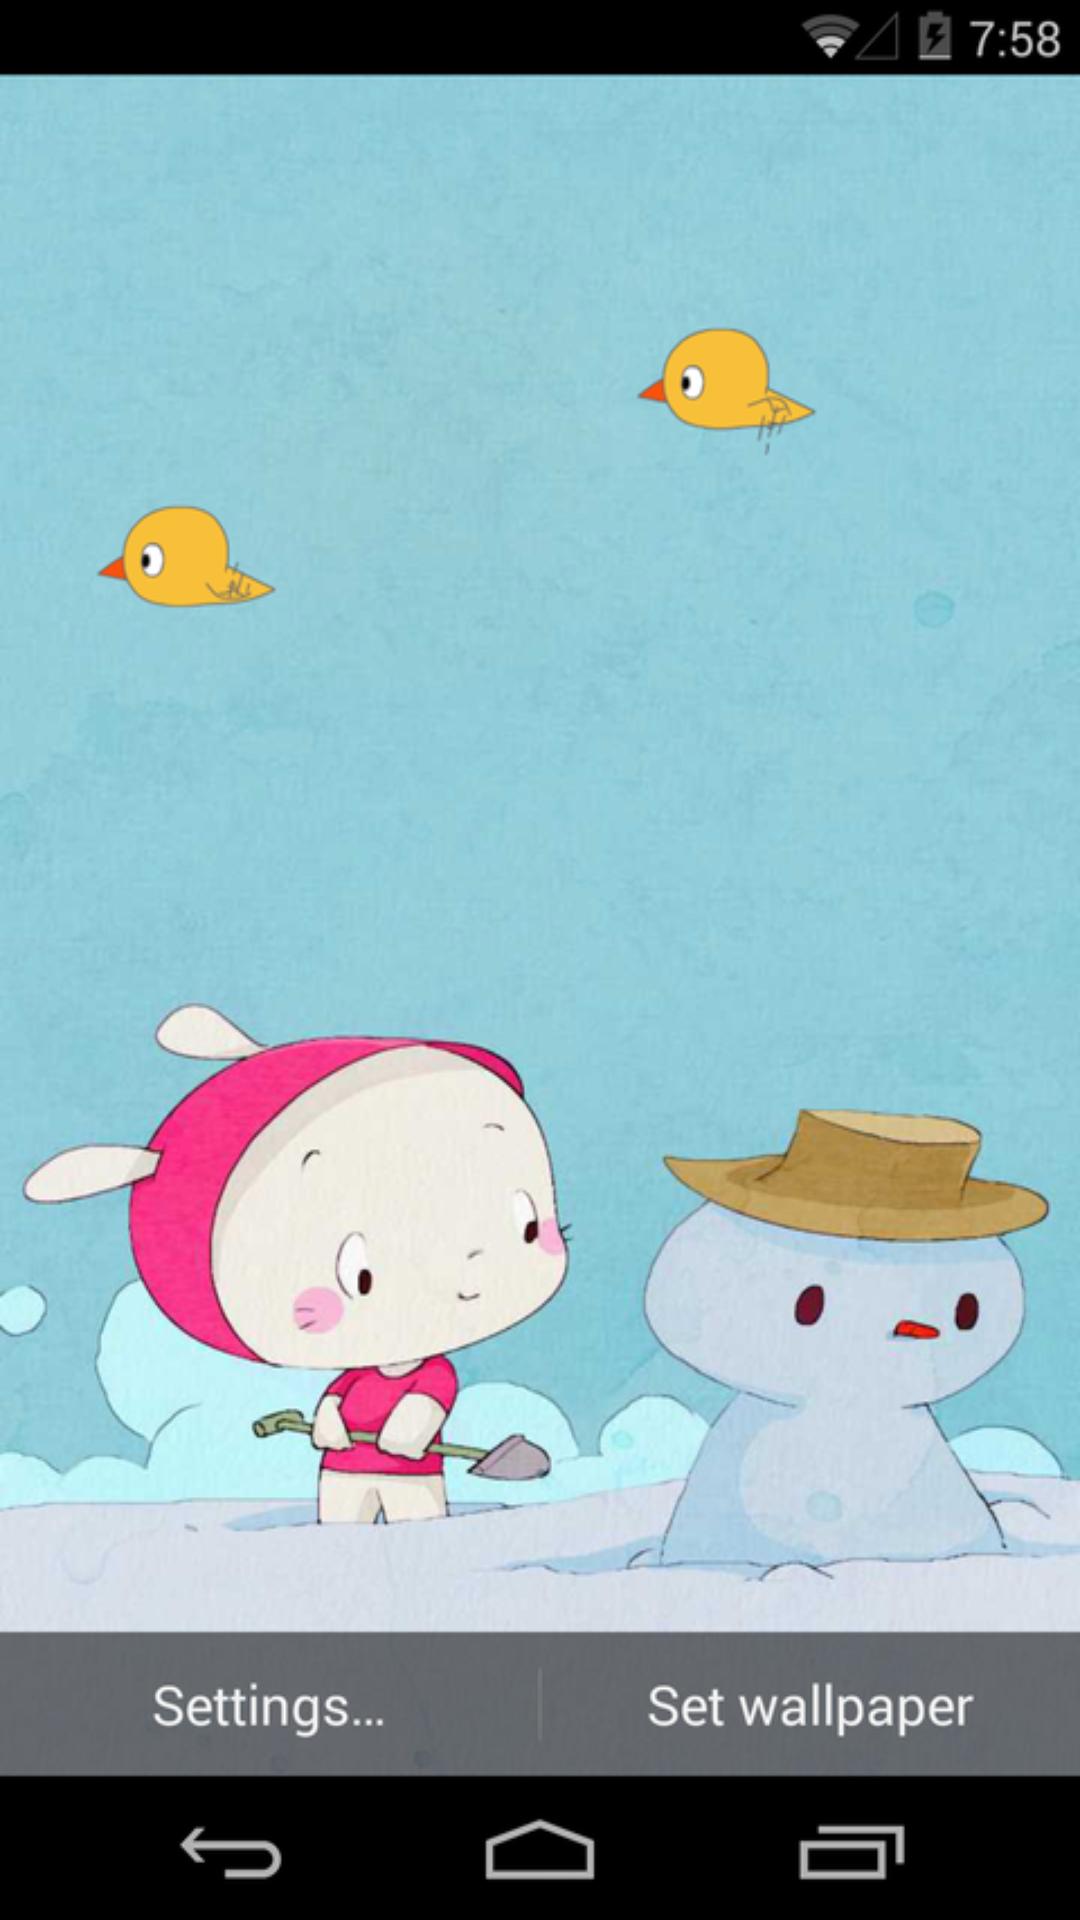 小爱与雪人-梦象动态壁纸